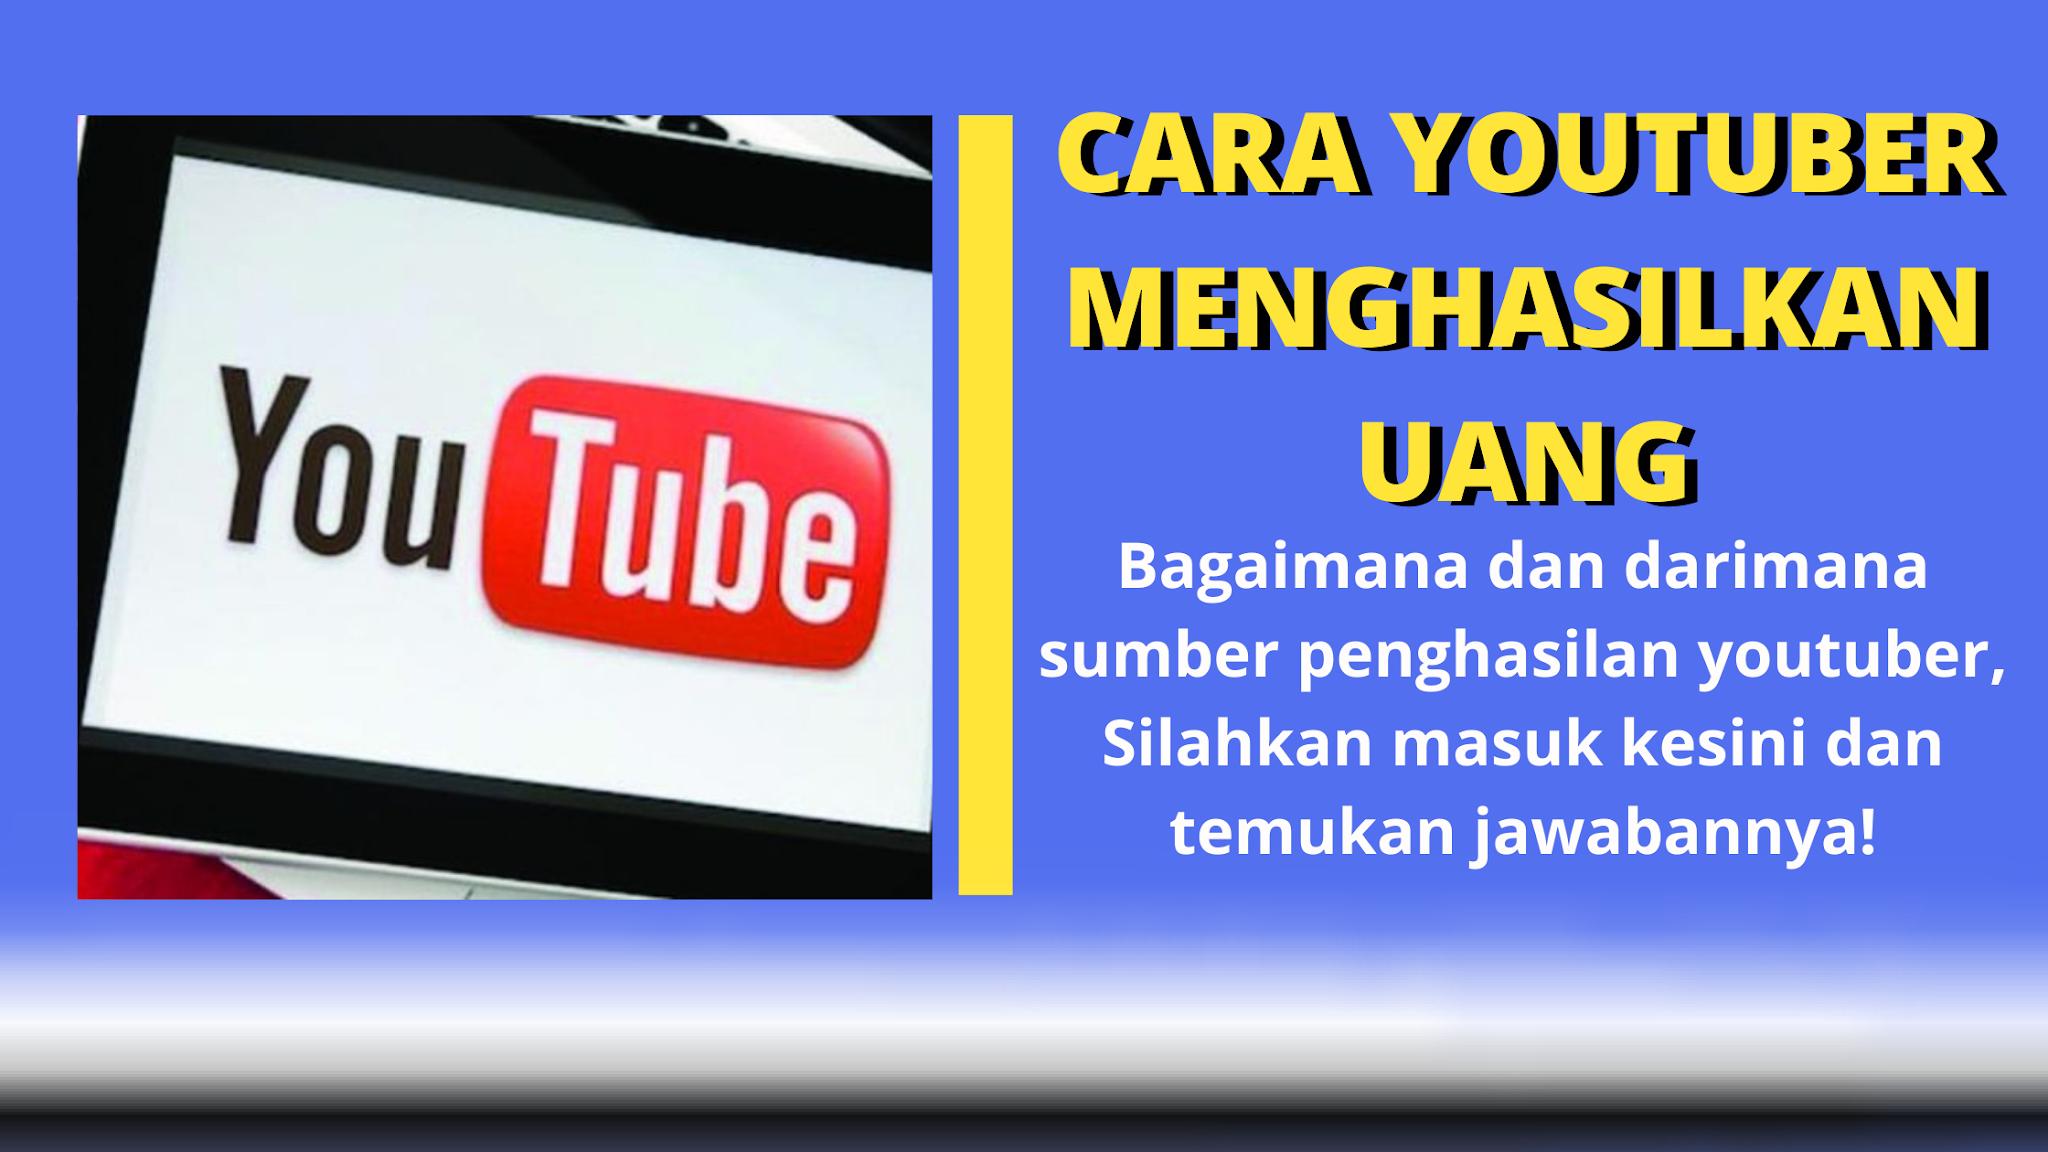 penghasilan youtuber indonesia